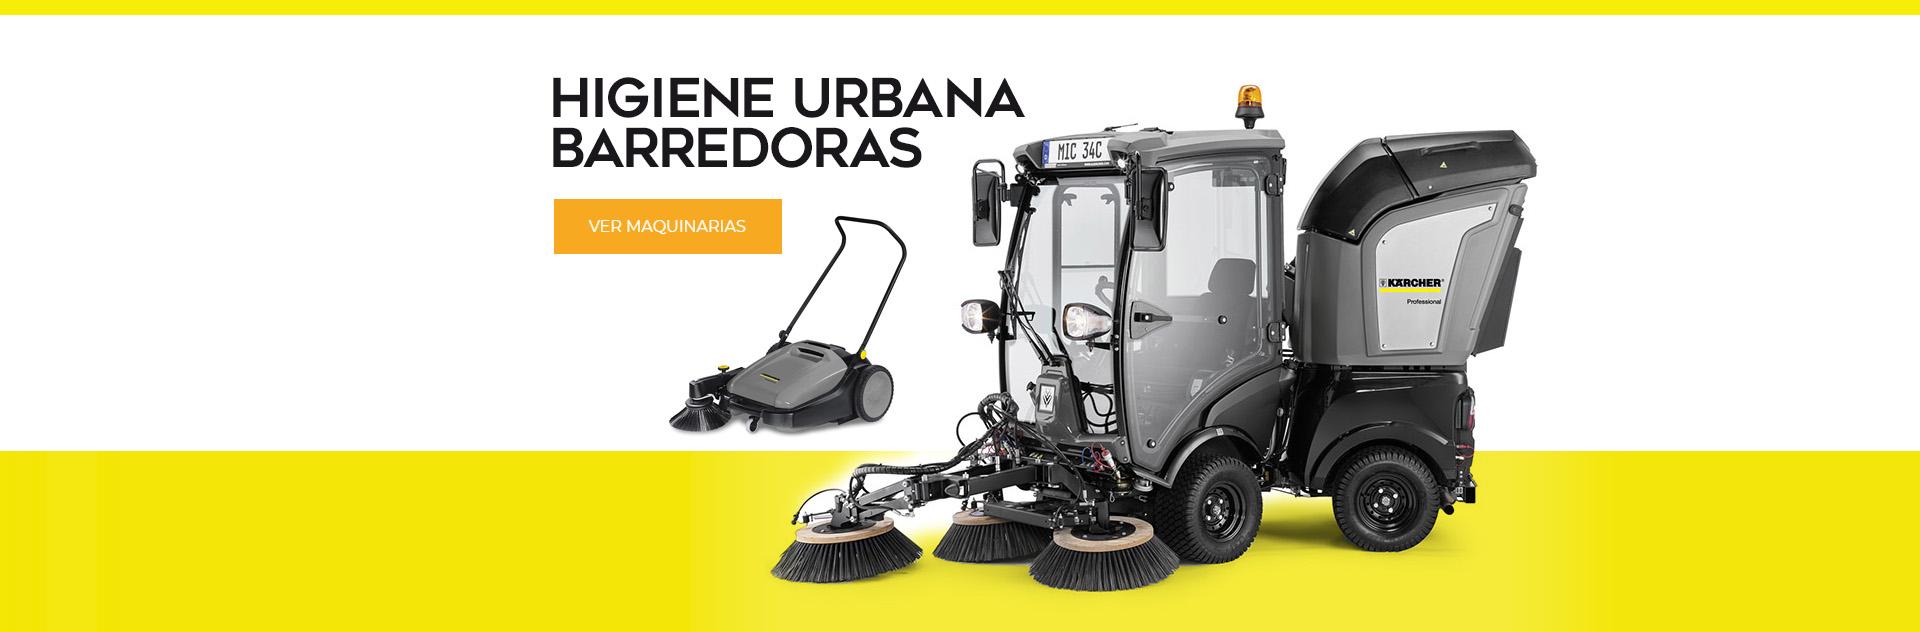 Higiene Urbana Linea de Barredoras de Basura para Ciudades